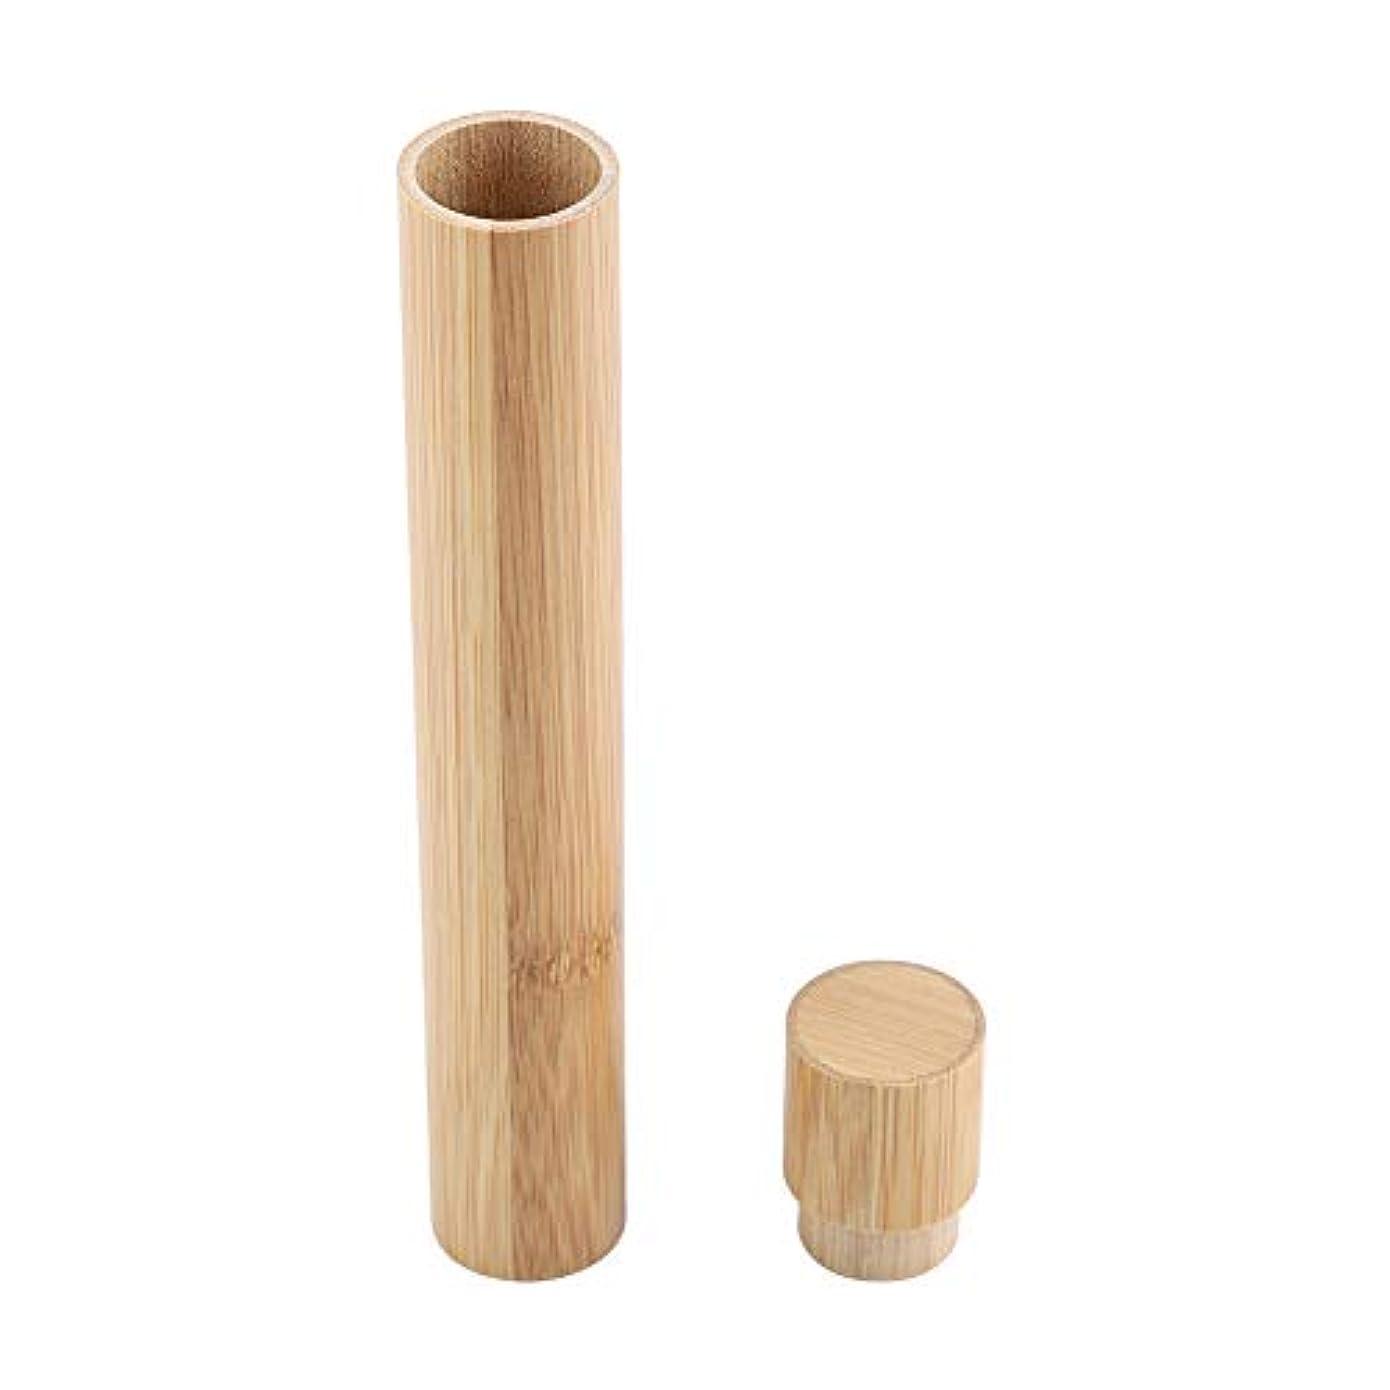 腹痛啓発する凍る歯ブラシケース ブラシホルダー ブラシ収納 ポータブル エコフレンドリー 木製 竹 トラベル用 プロテクト 収納ケース ブラシ保護